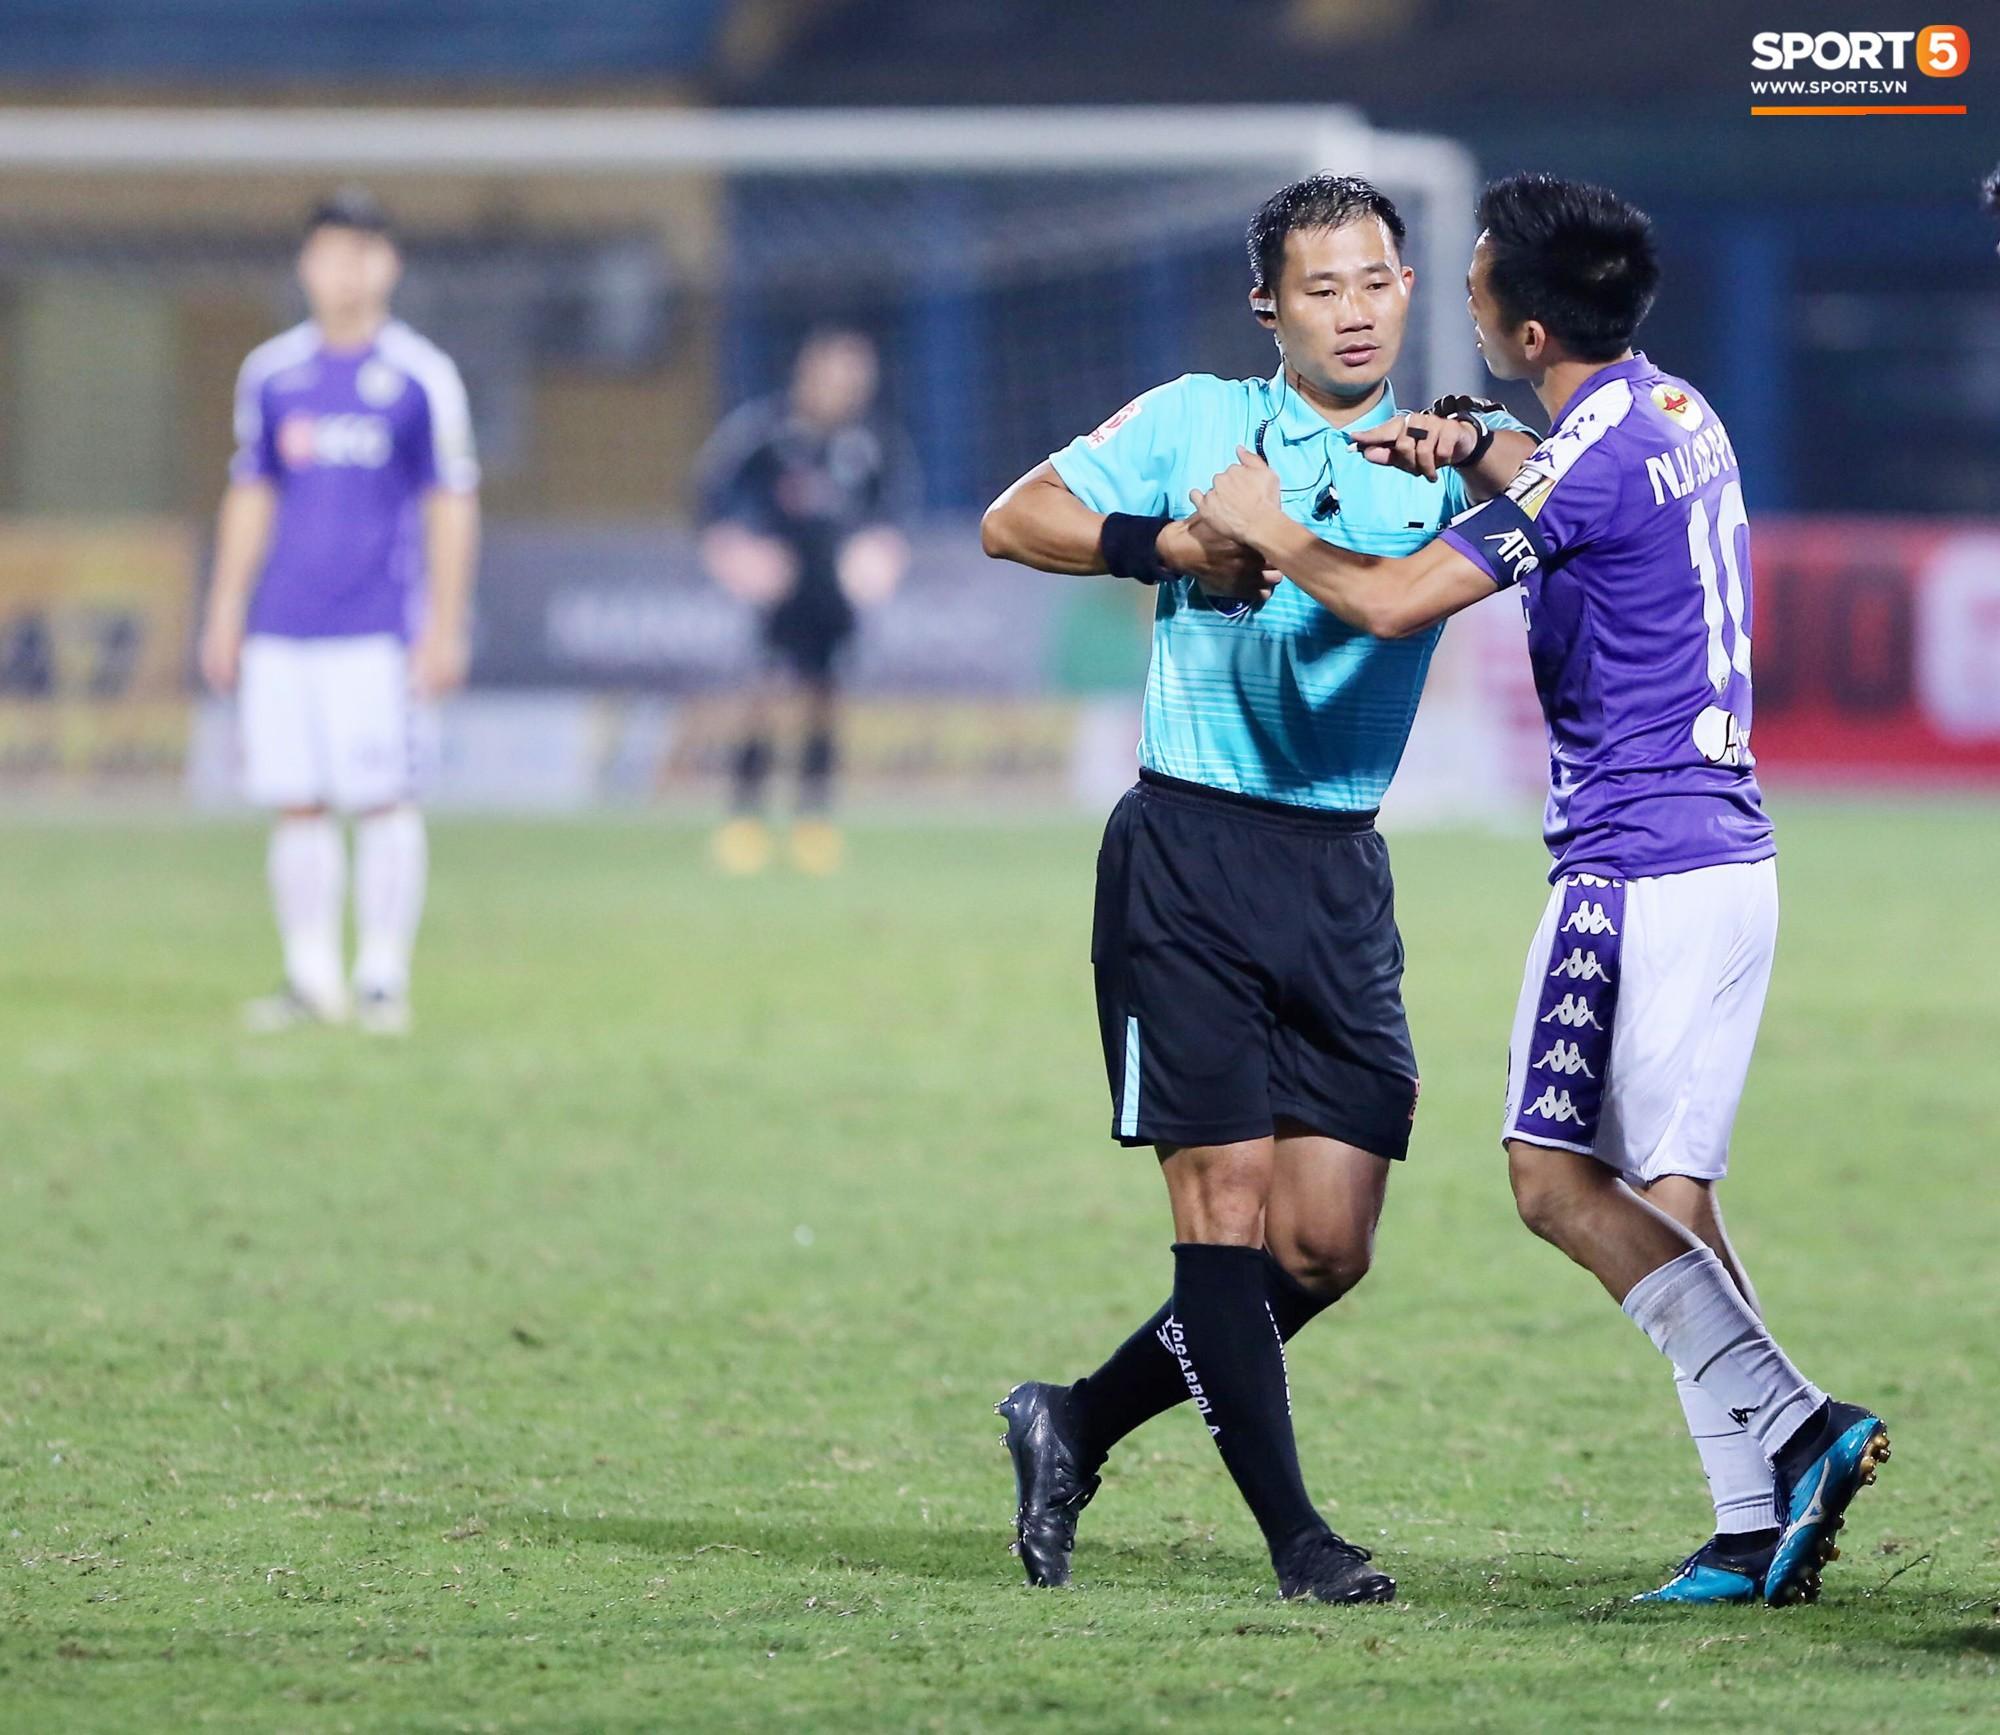 Mắc lỗi ngớ ngẩn trong trận Viettel vs Hà Nội, trọng tài cấp FIFA bị đình chỉ-1